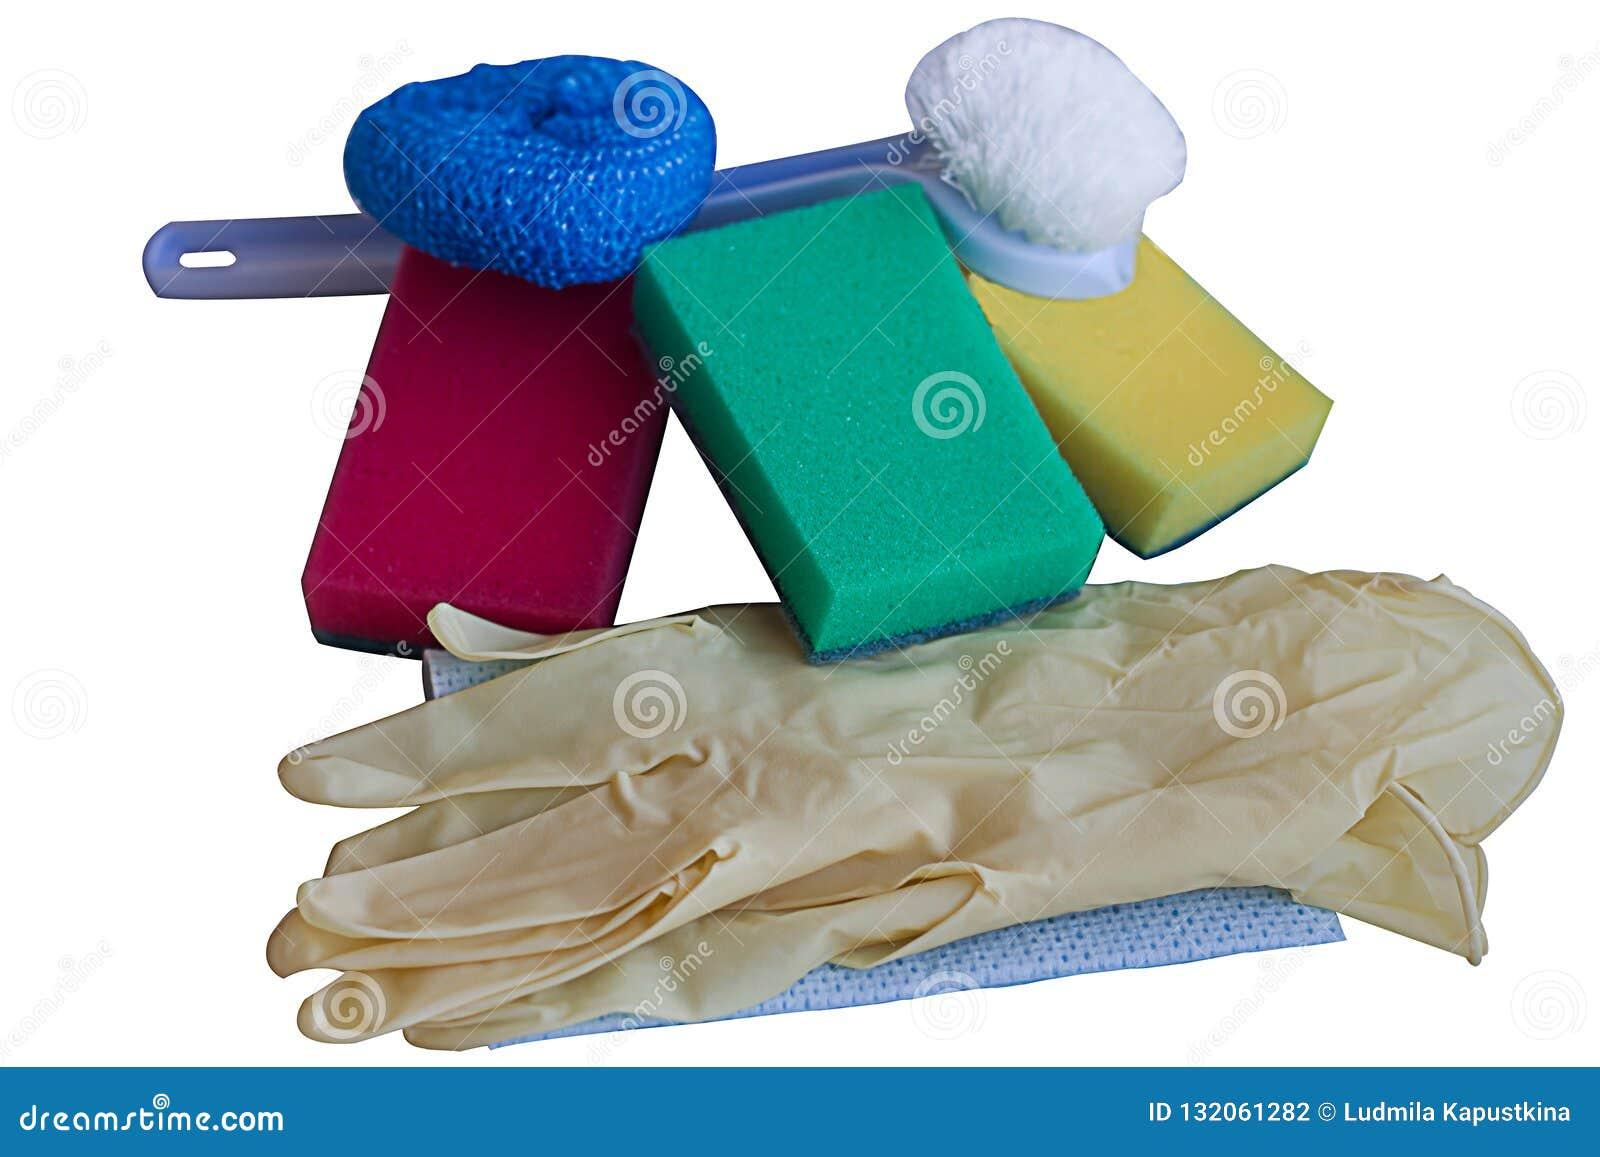 Guanti, combattente, spugne, accessori per lavare i piatti, isolati su bianco